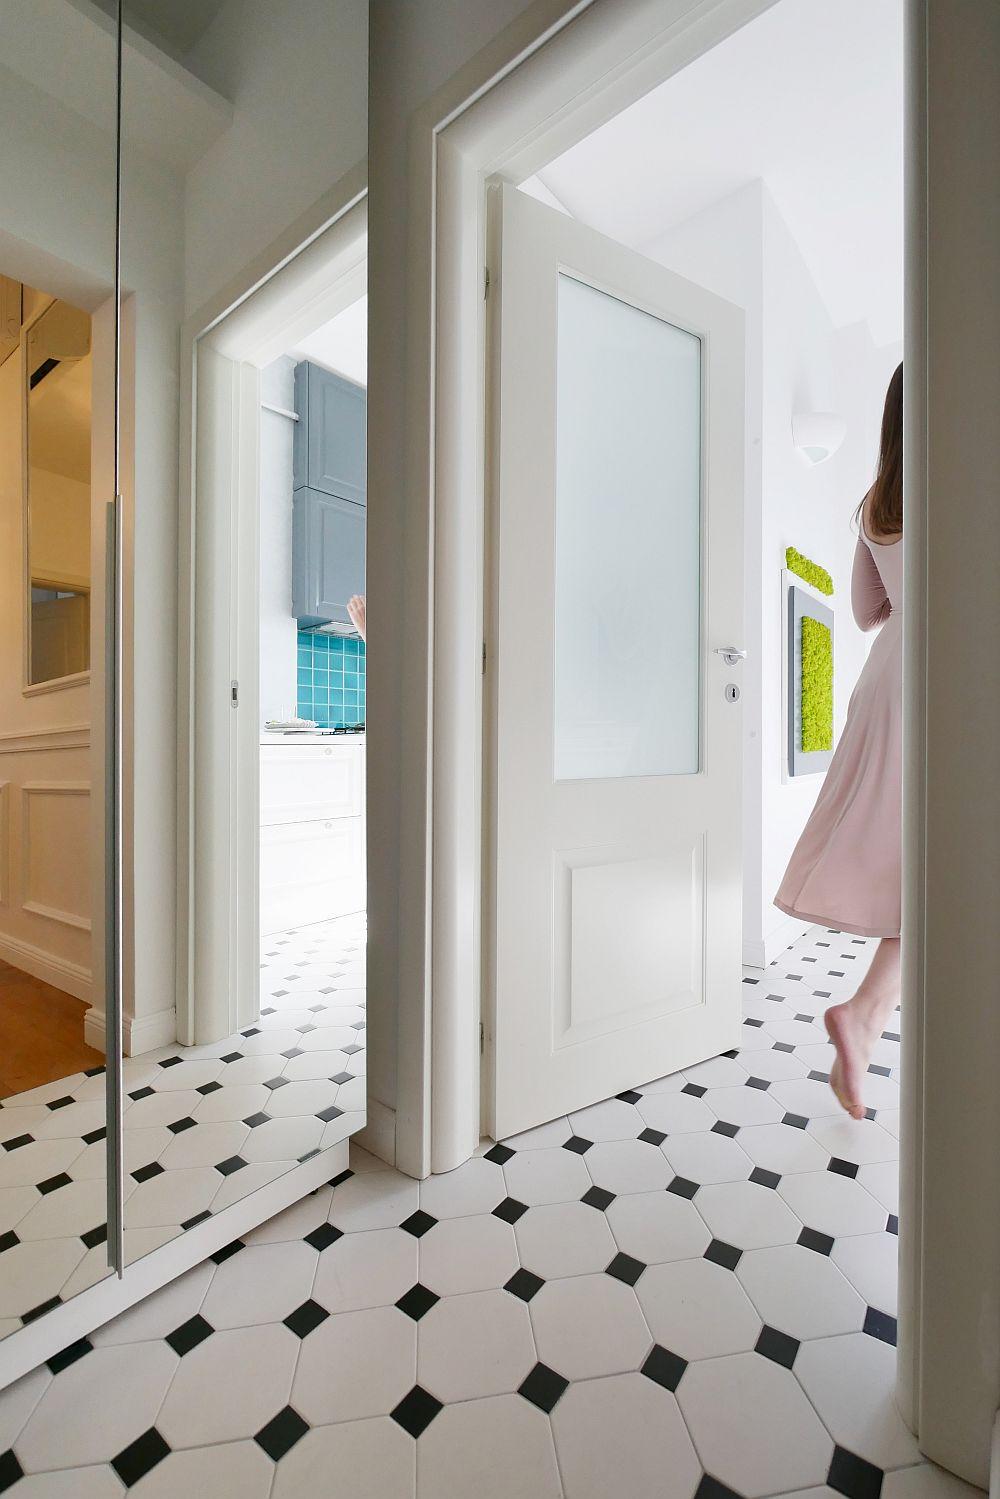 Din holul de la intrare se deschide direct în față bucătăria, care măsoară circa 6 metri pătrați.